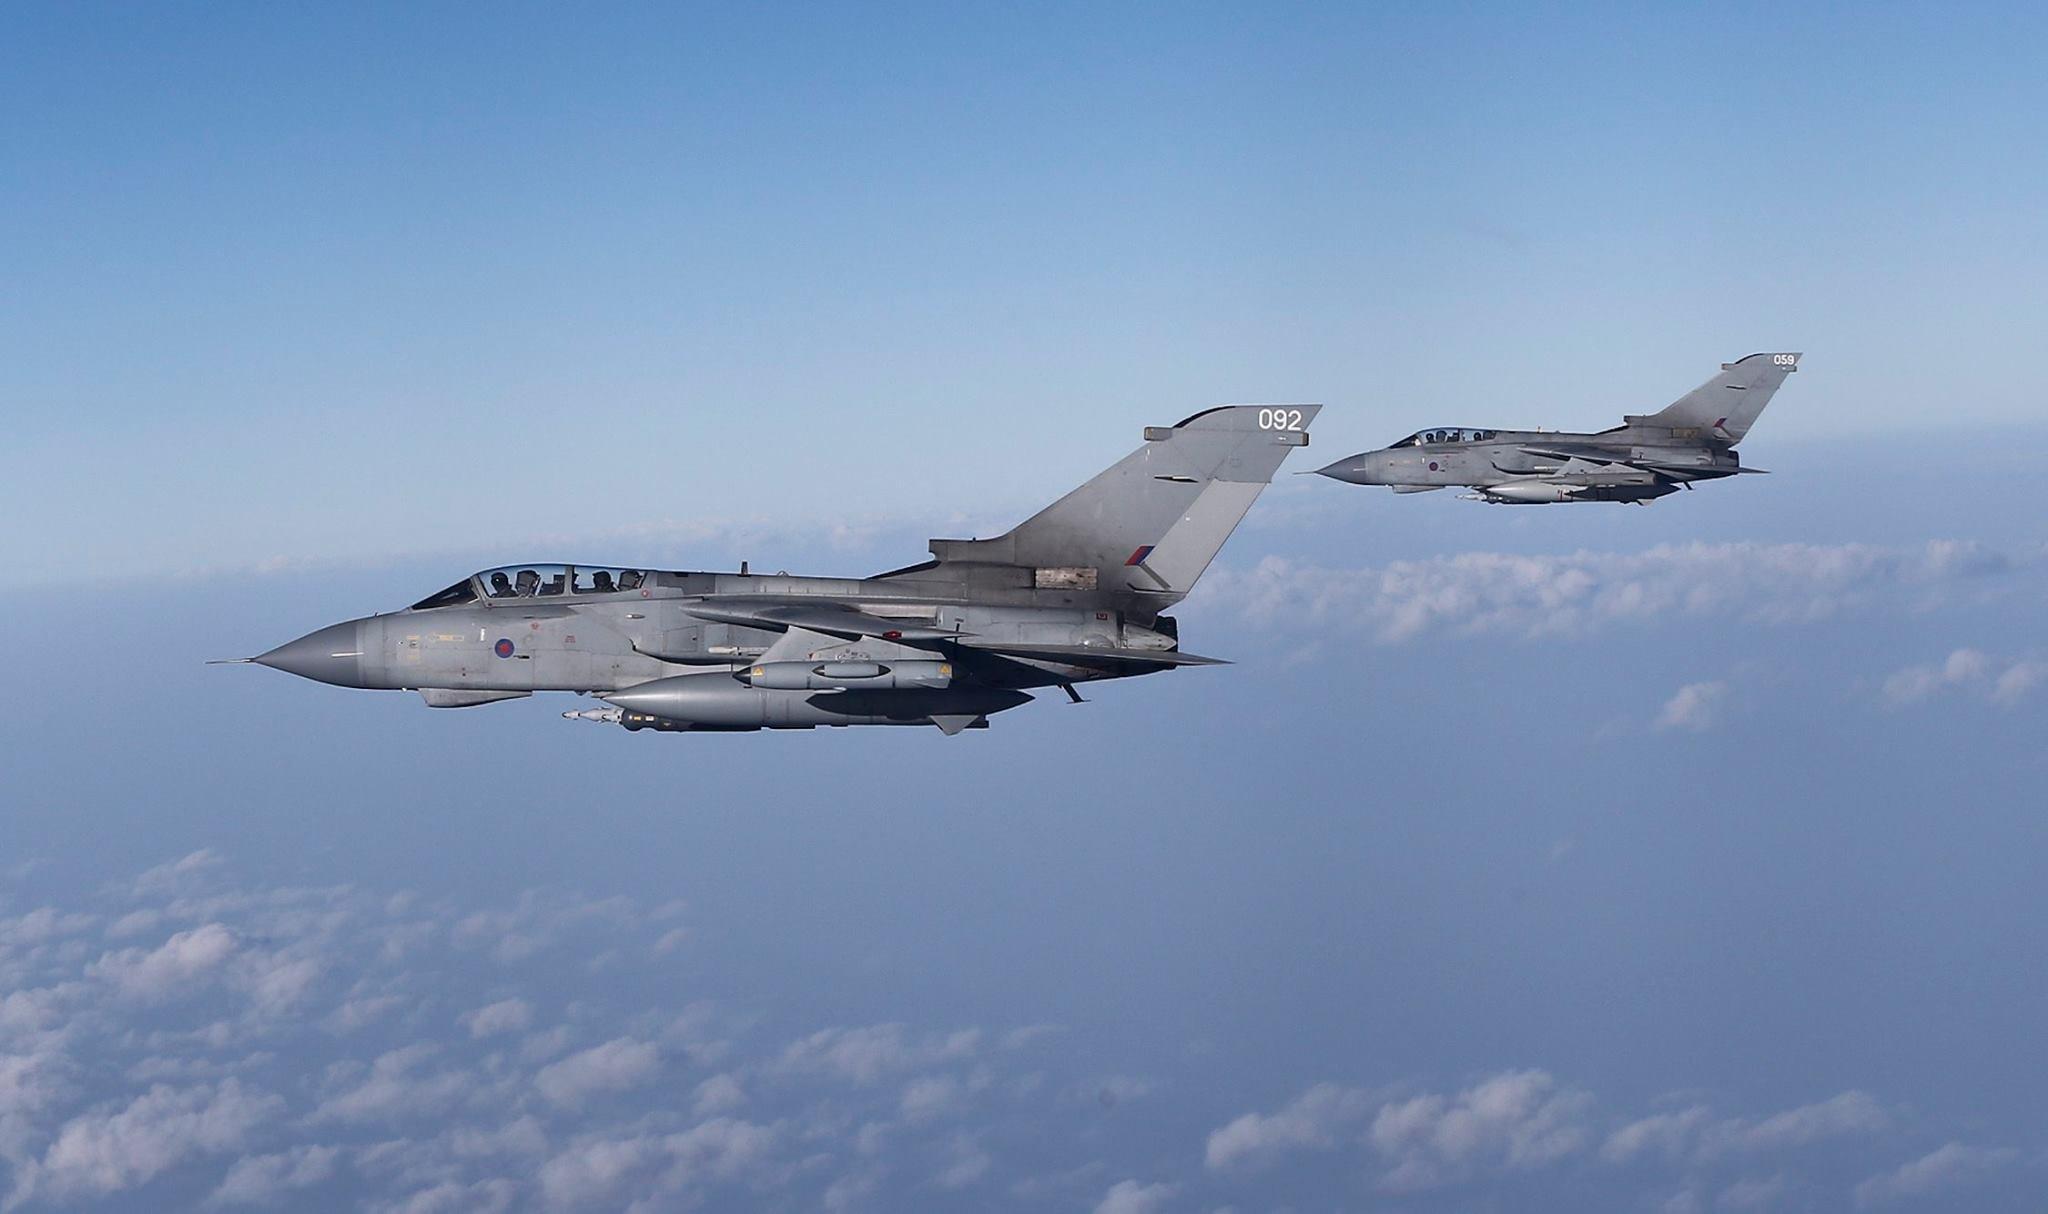 ВВС Великобритании готовы нанести удар поСирии